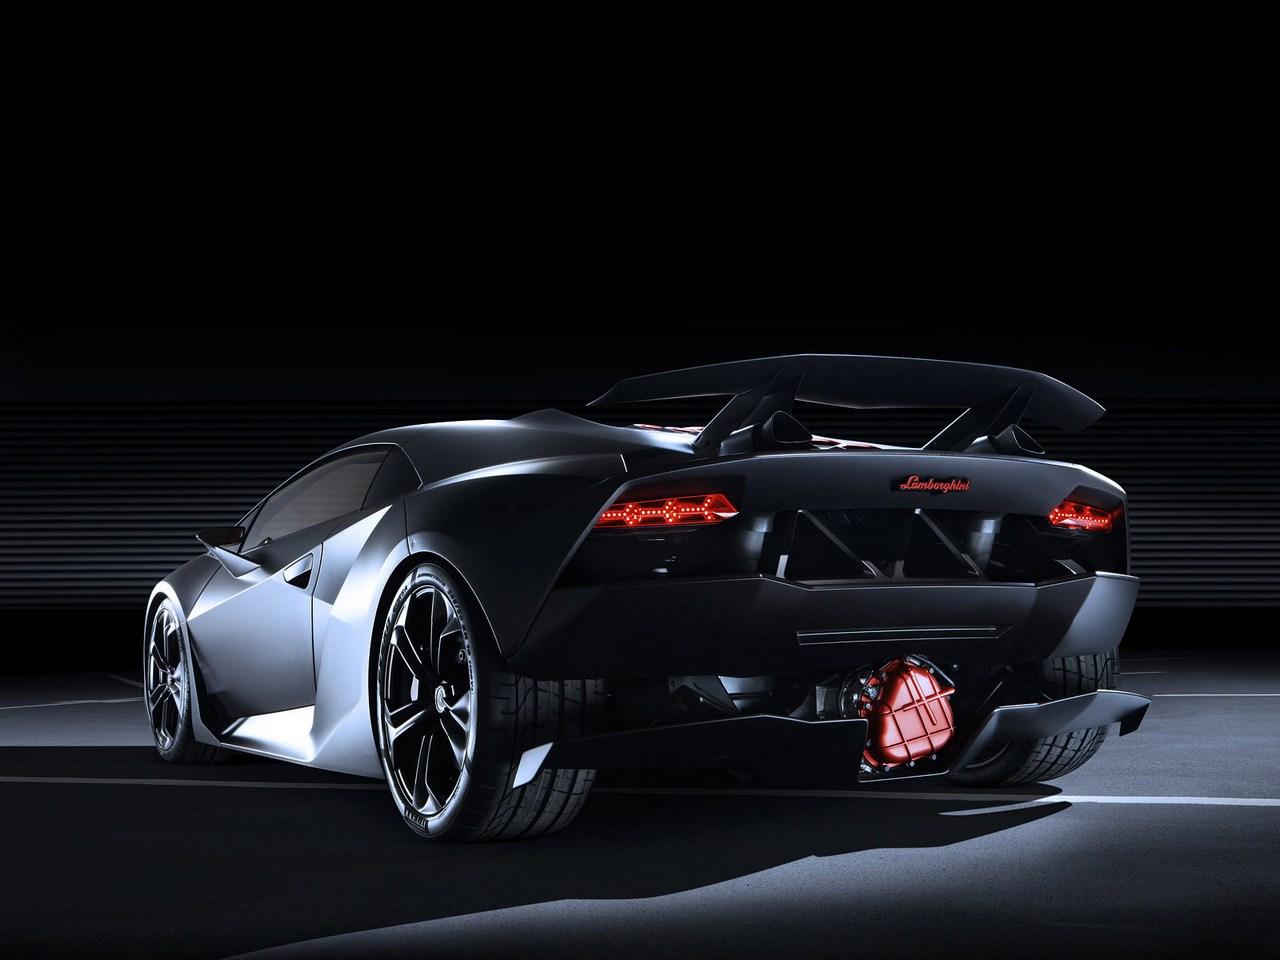 Lamborghini-Sesto-Elemento-Concept-2010-Photo-02